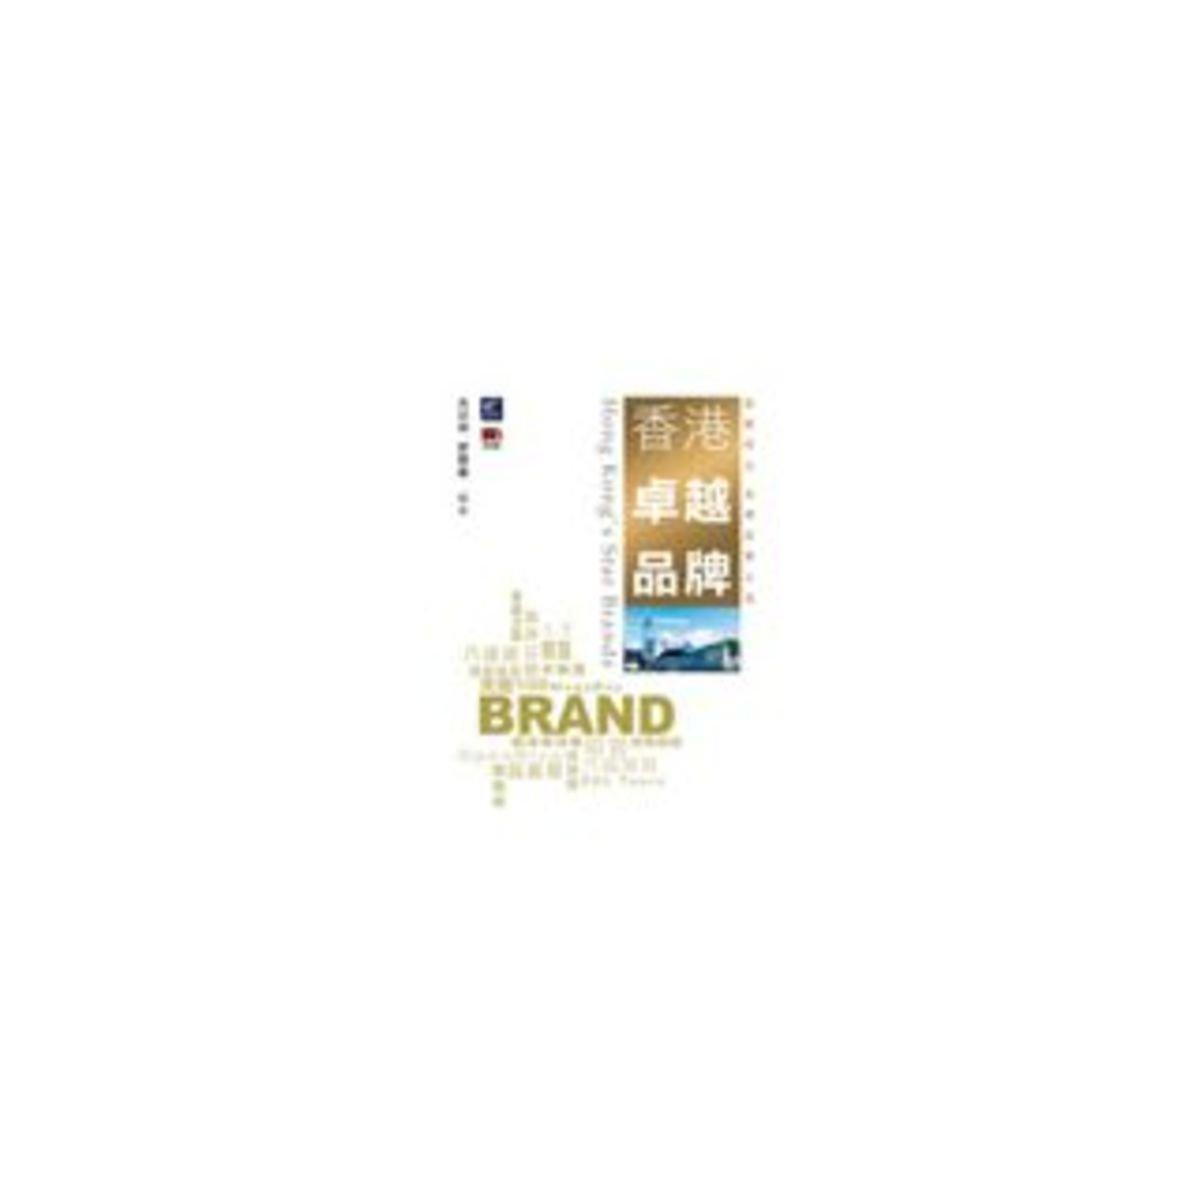 香港卓越品牌